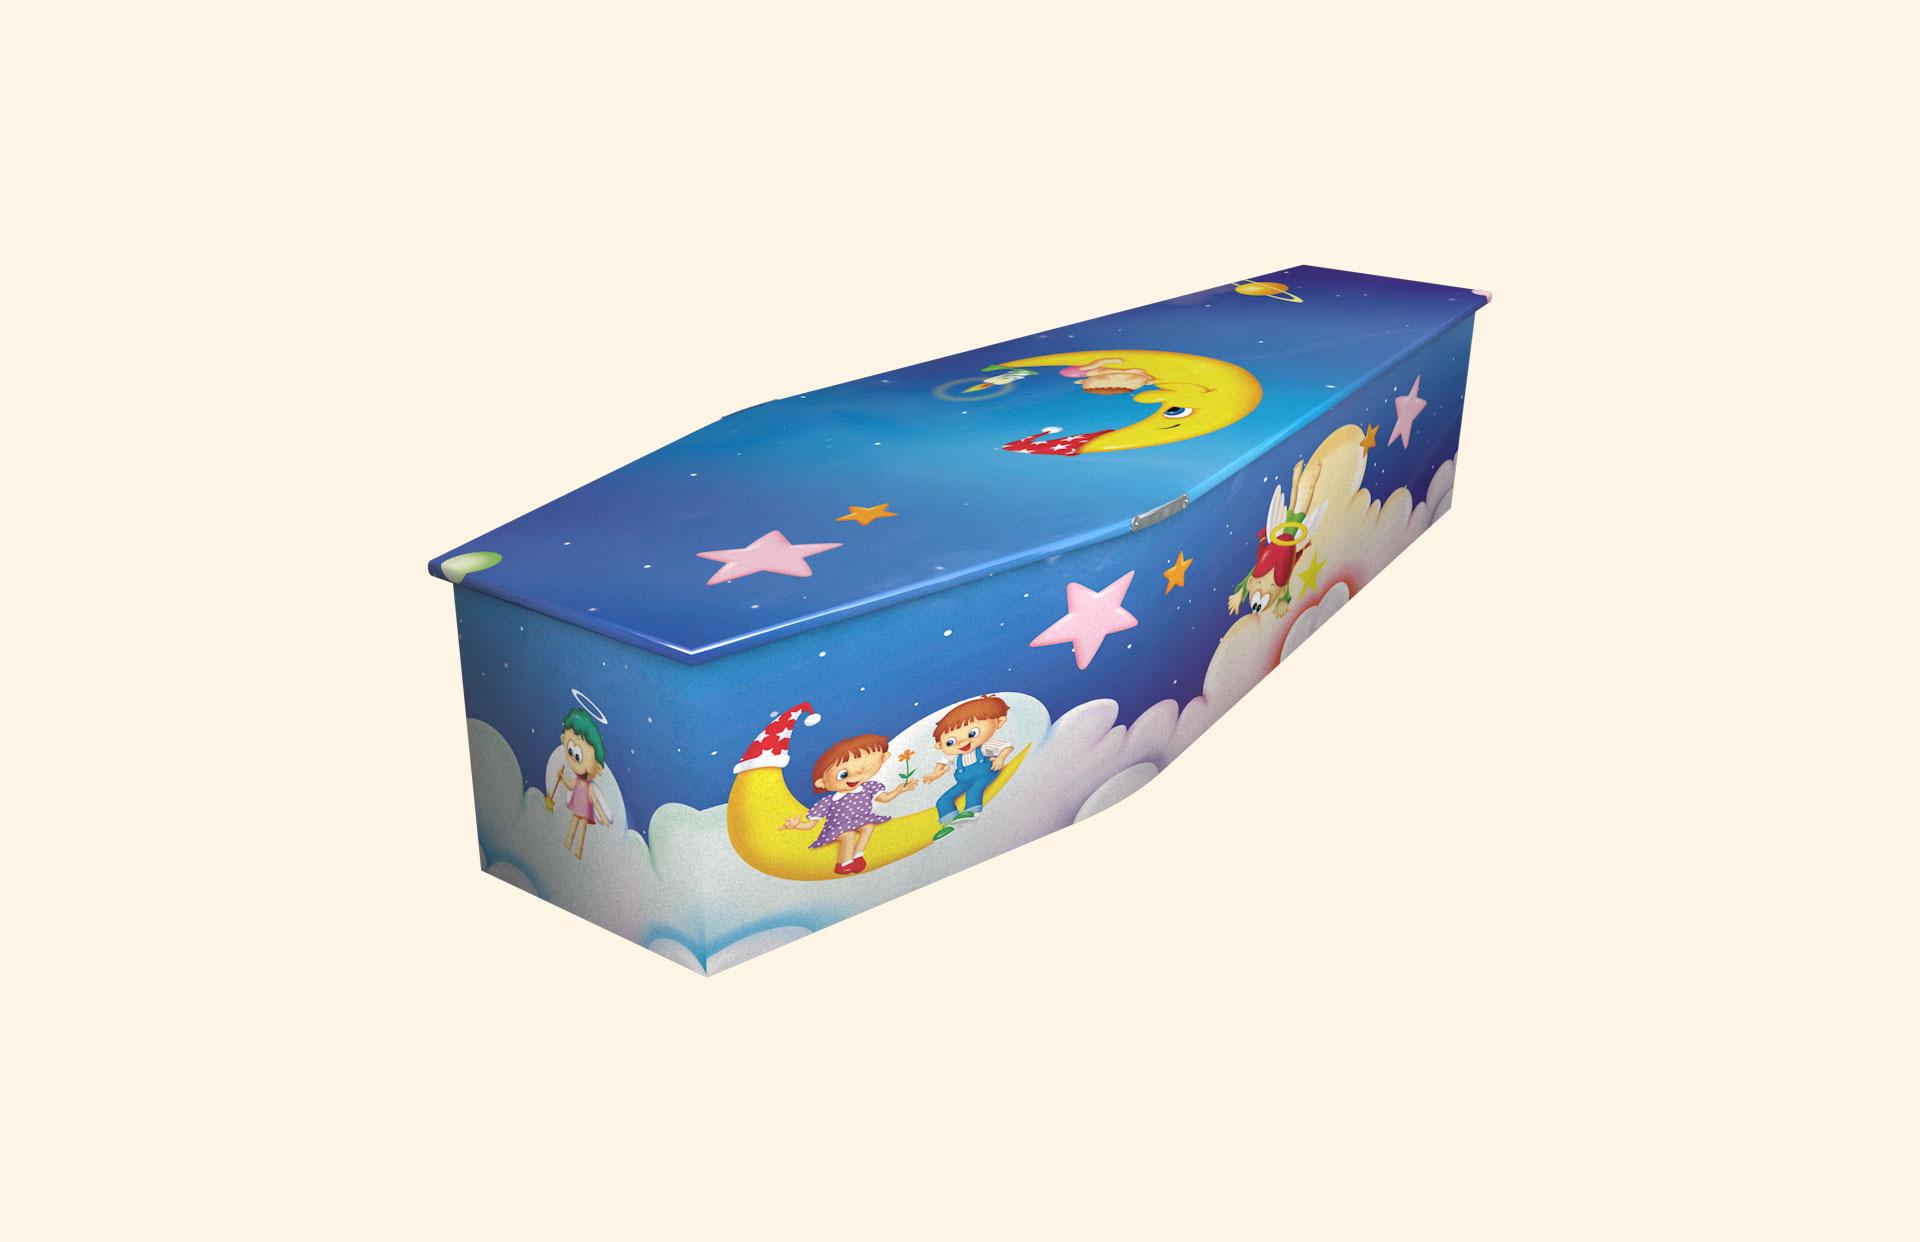 Moonbaby child coffin